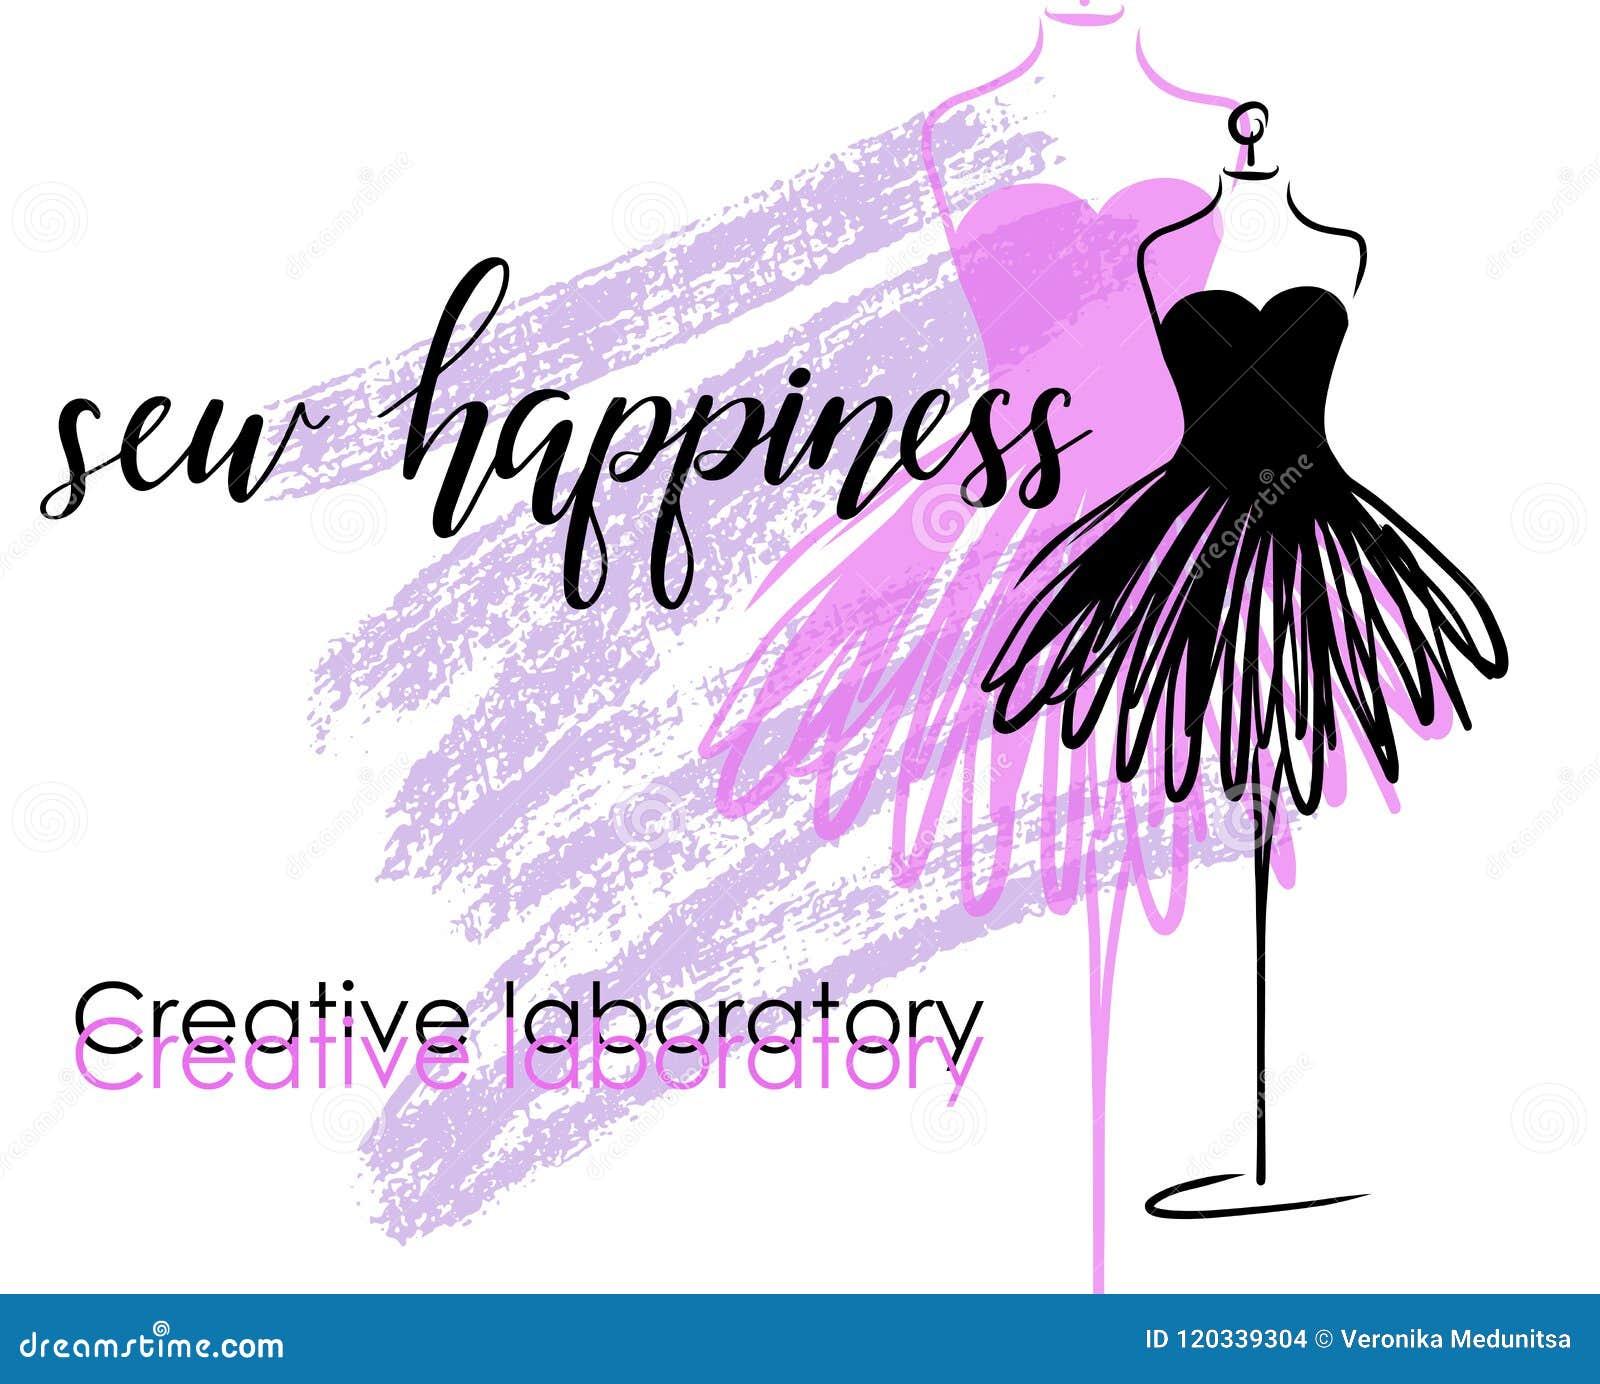 Προσαρμόζοντας το έμβλημα με το μανεκέν ή το ομοίωμα και το έμβλημα με την εγγραφή ράψτε την ευτυχία Σχέδιο λογότυπων μόδας και π